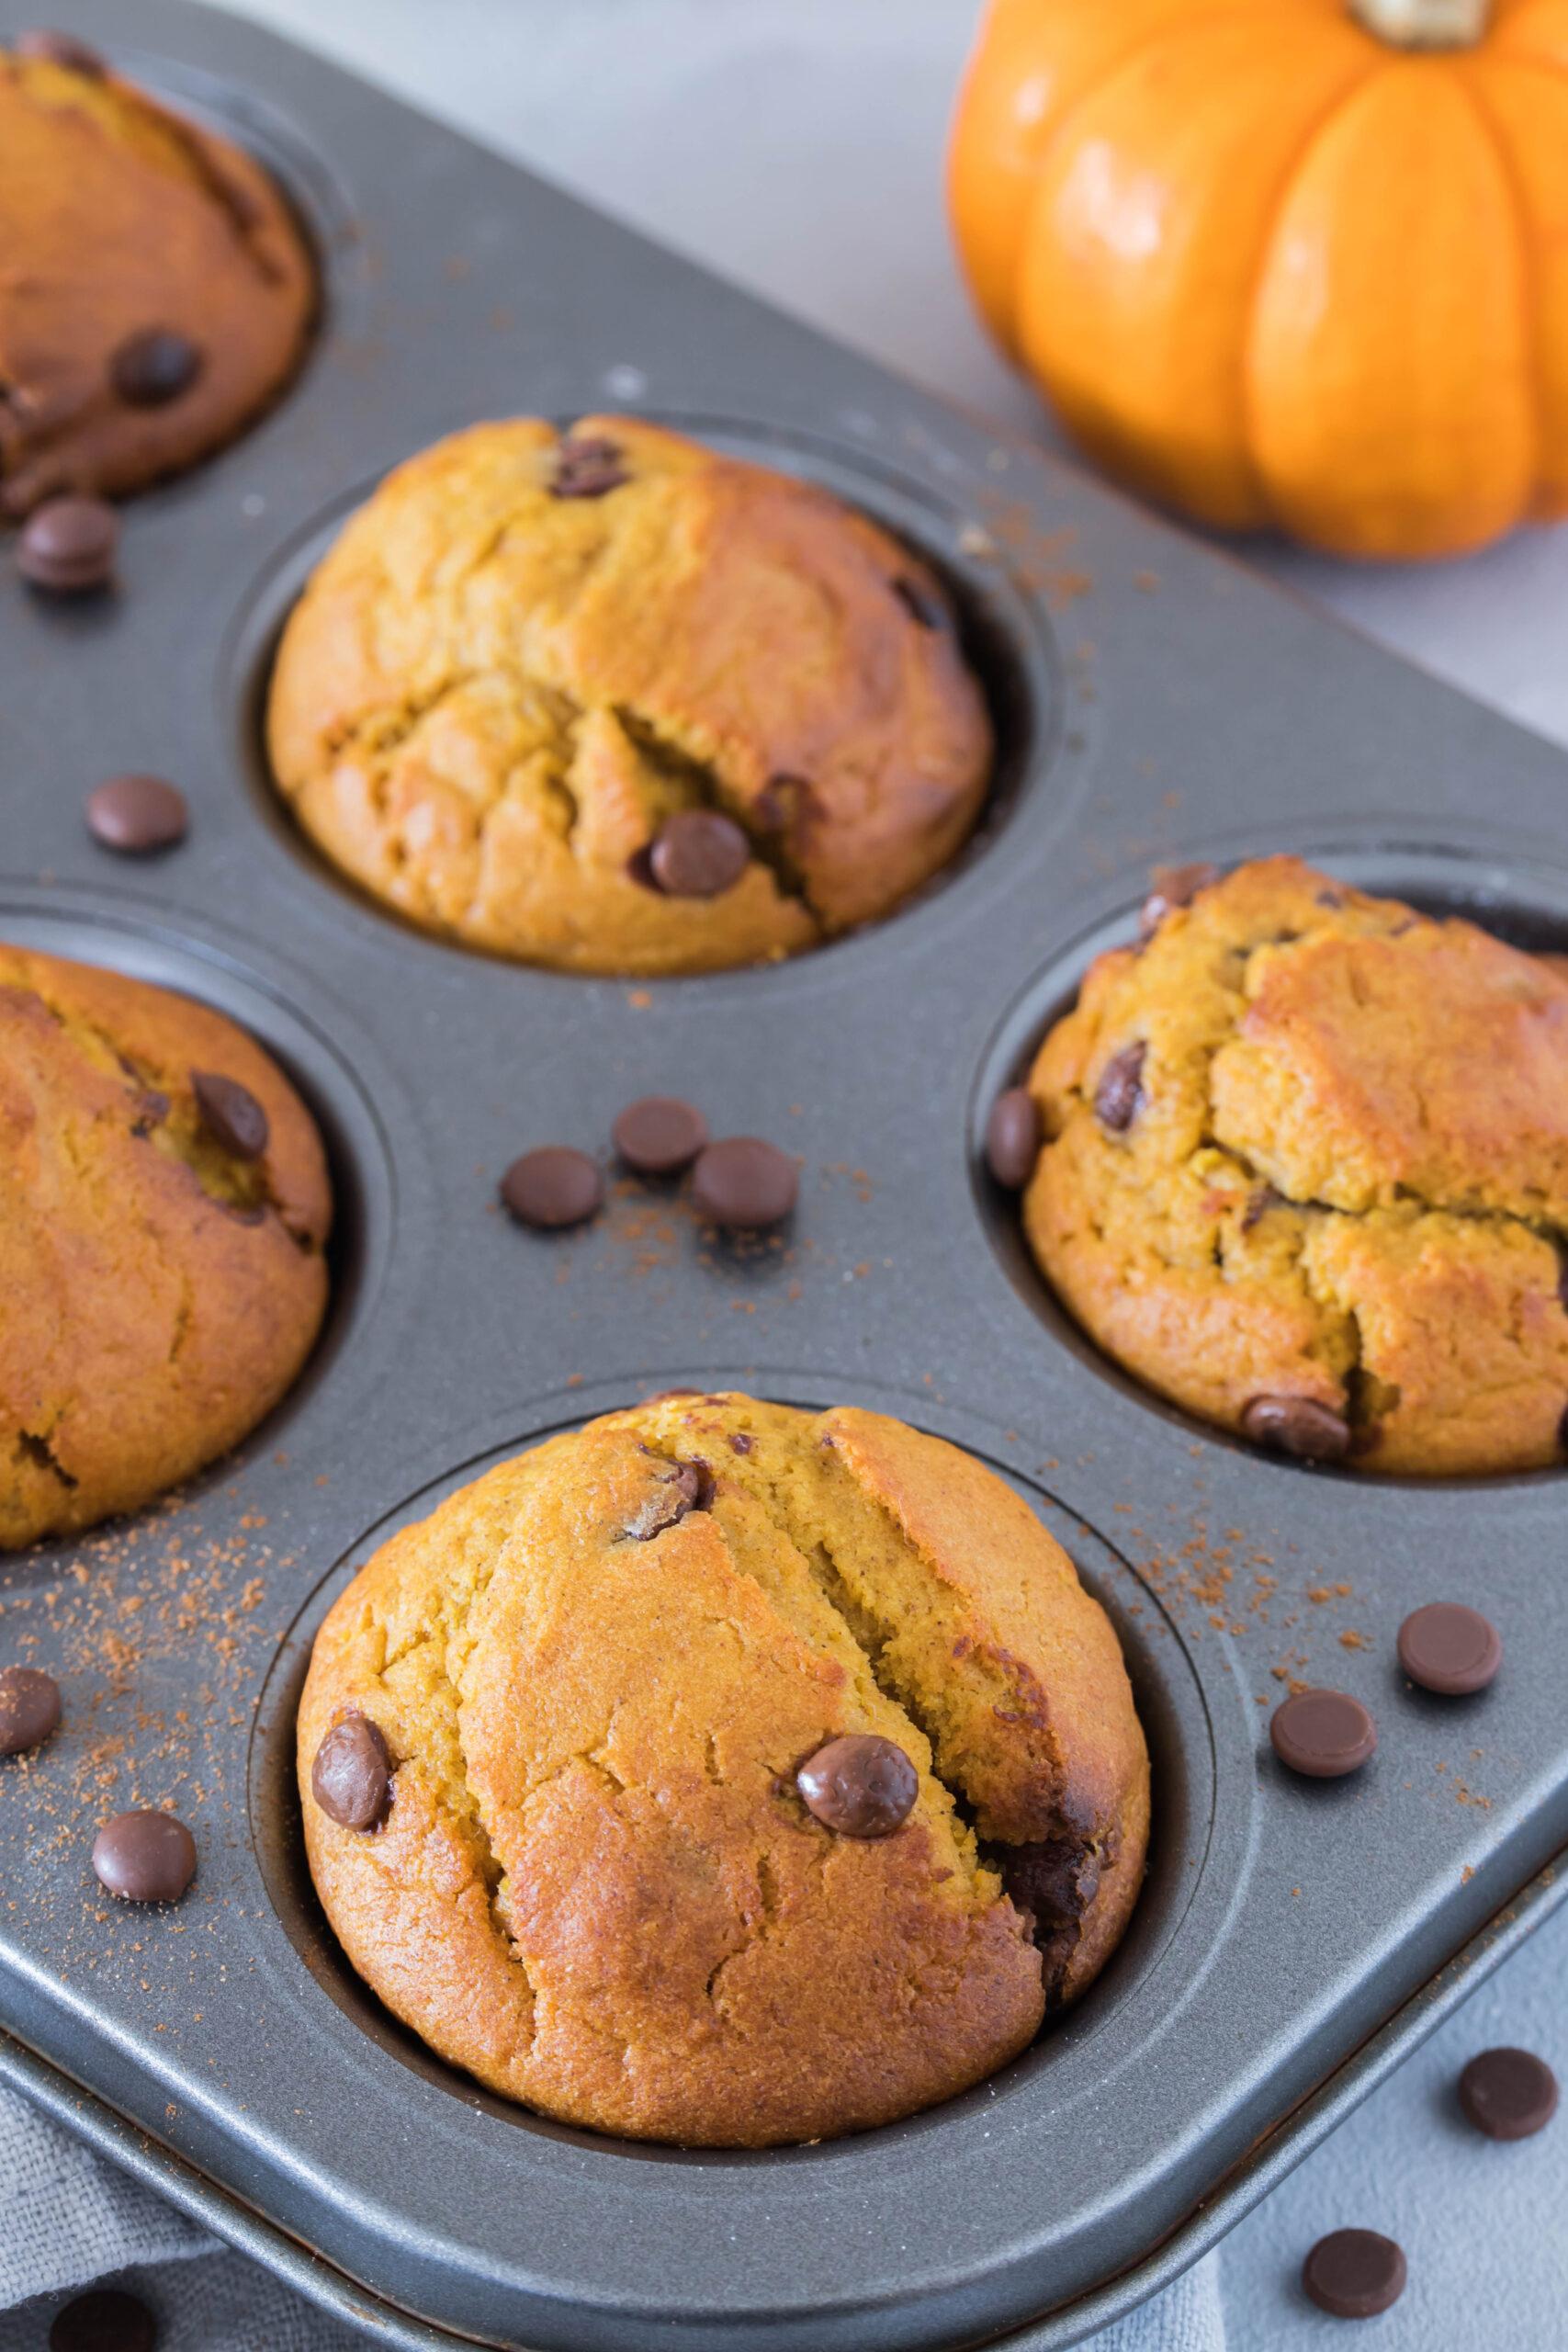 Leckere, süße Muffins mit Kürbis - einfach, schnell und lecker.